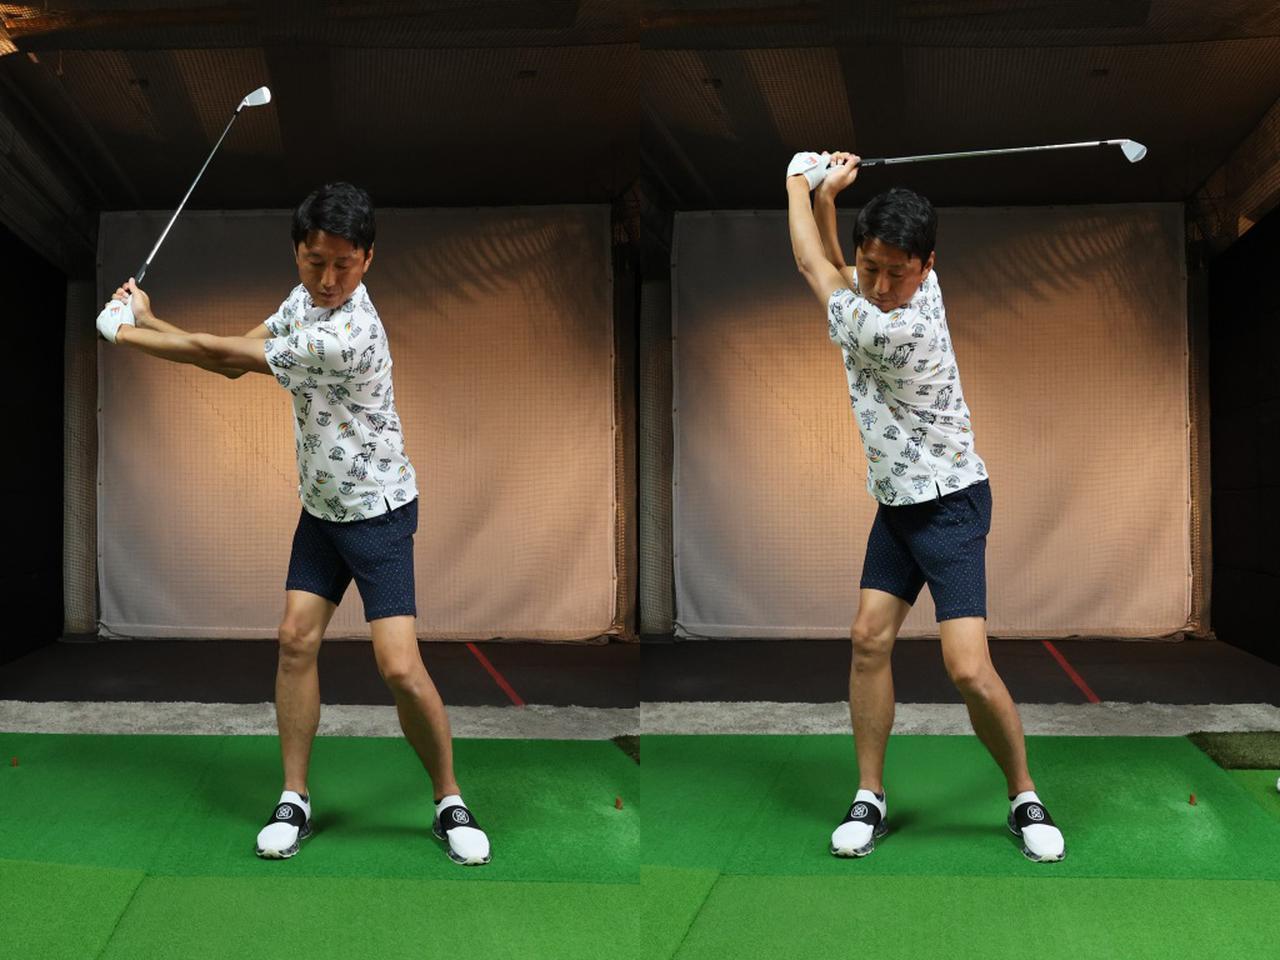 画像: どの振り幅でも肩は90度回すが、フルショットとコントロールショットでは腕の位置が異なる